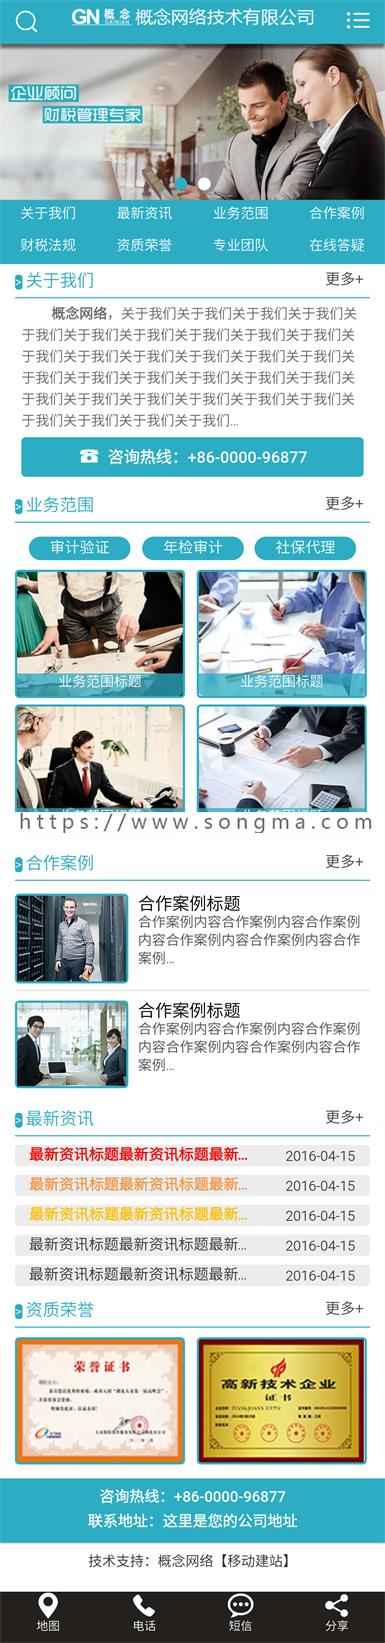 asp商务服务行业蓝色风格整站网站源码带手机模板seo静态